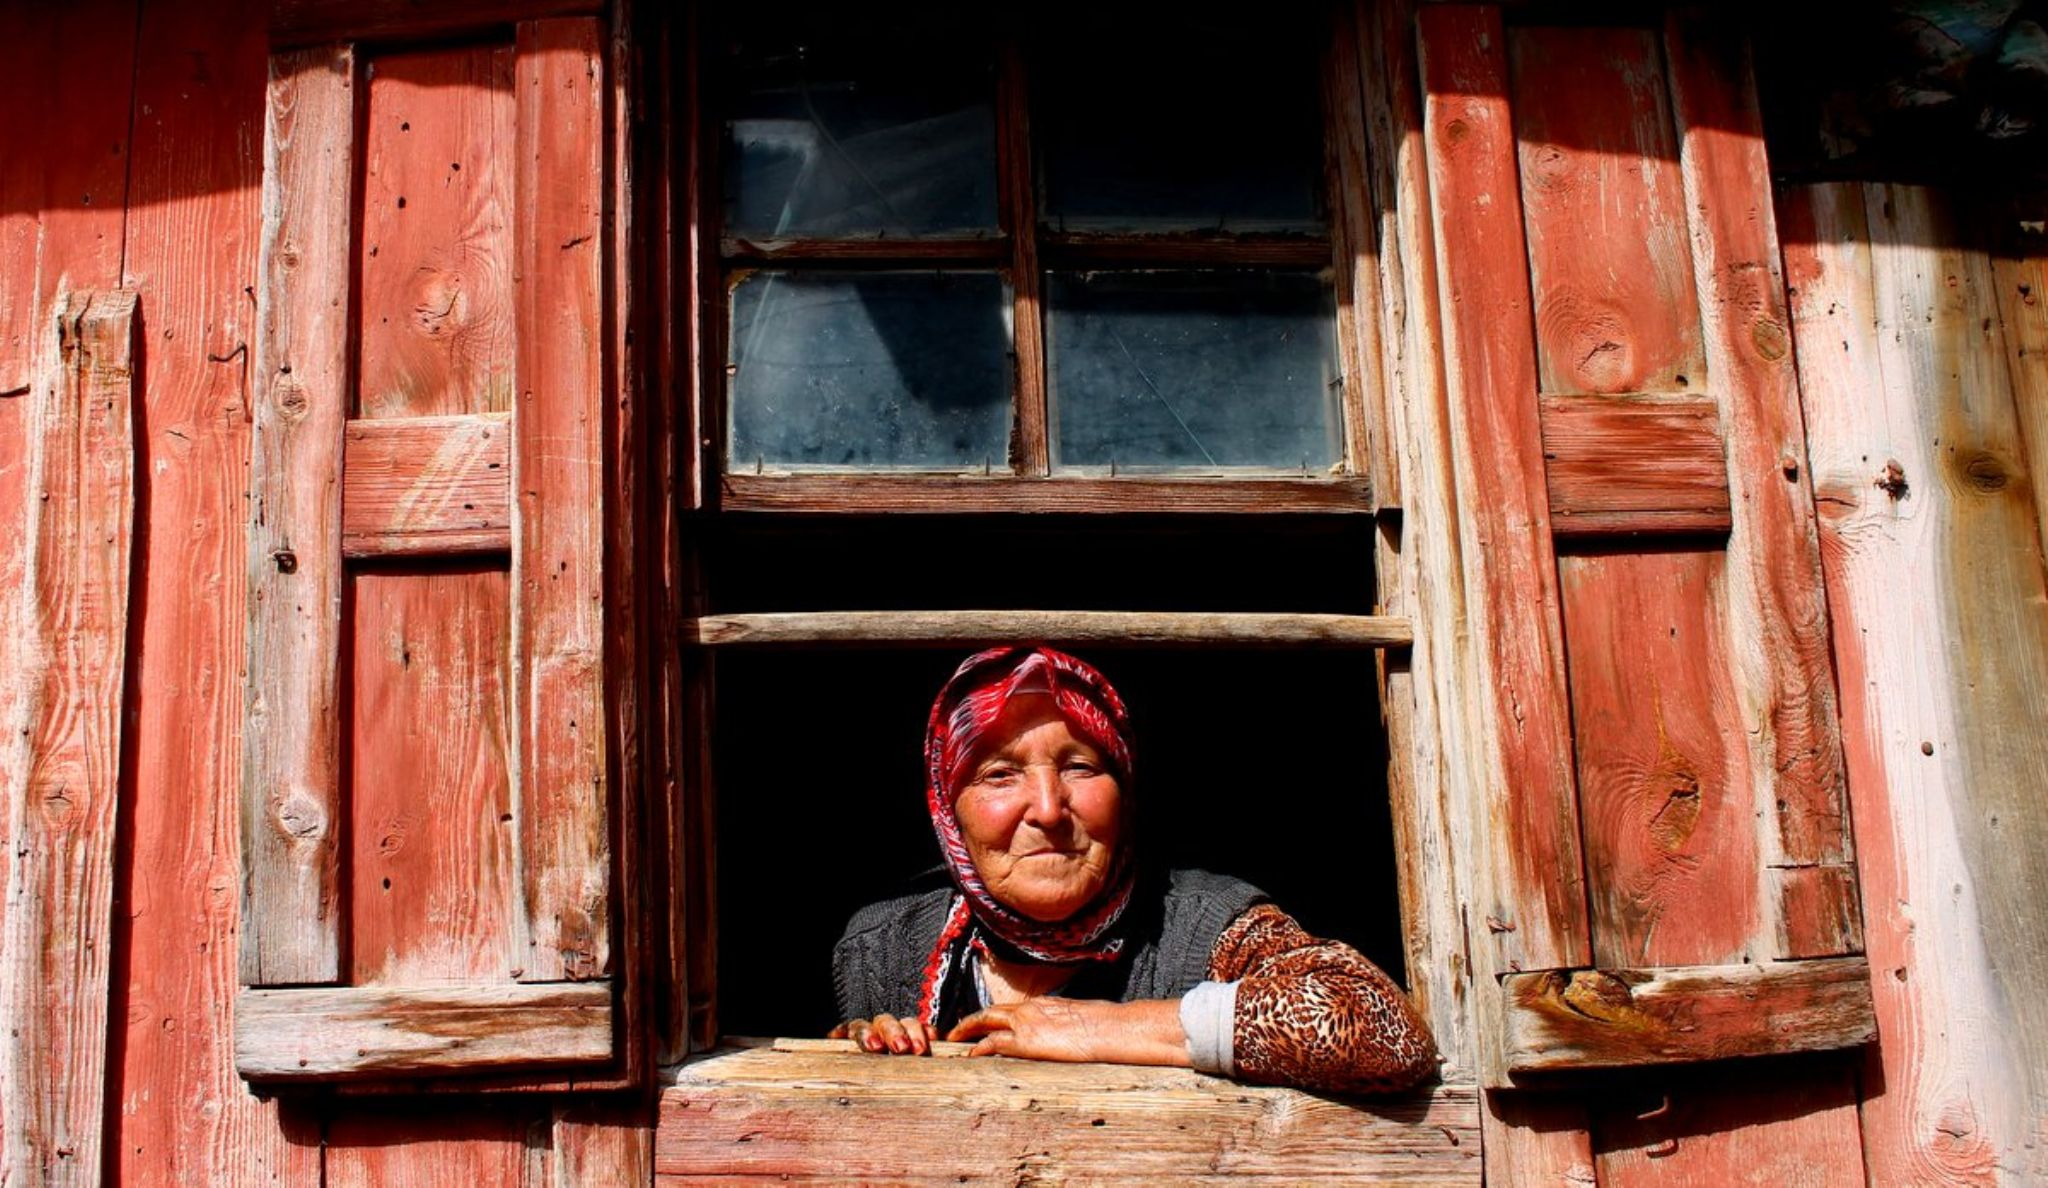 camdan bakmak... by alp.yetimoglu